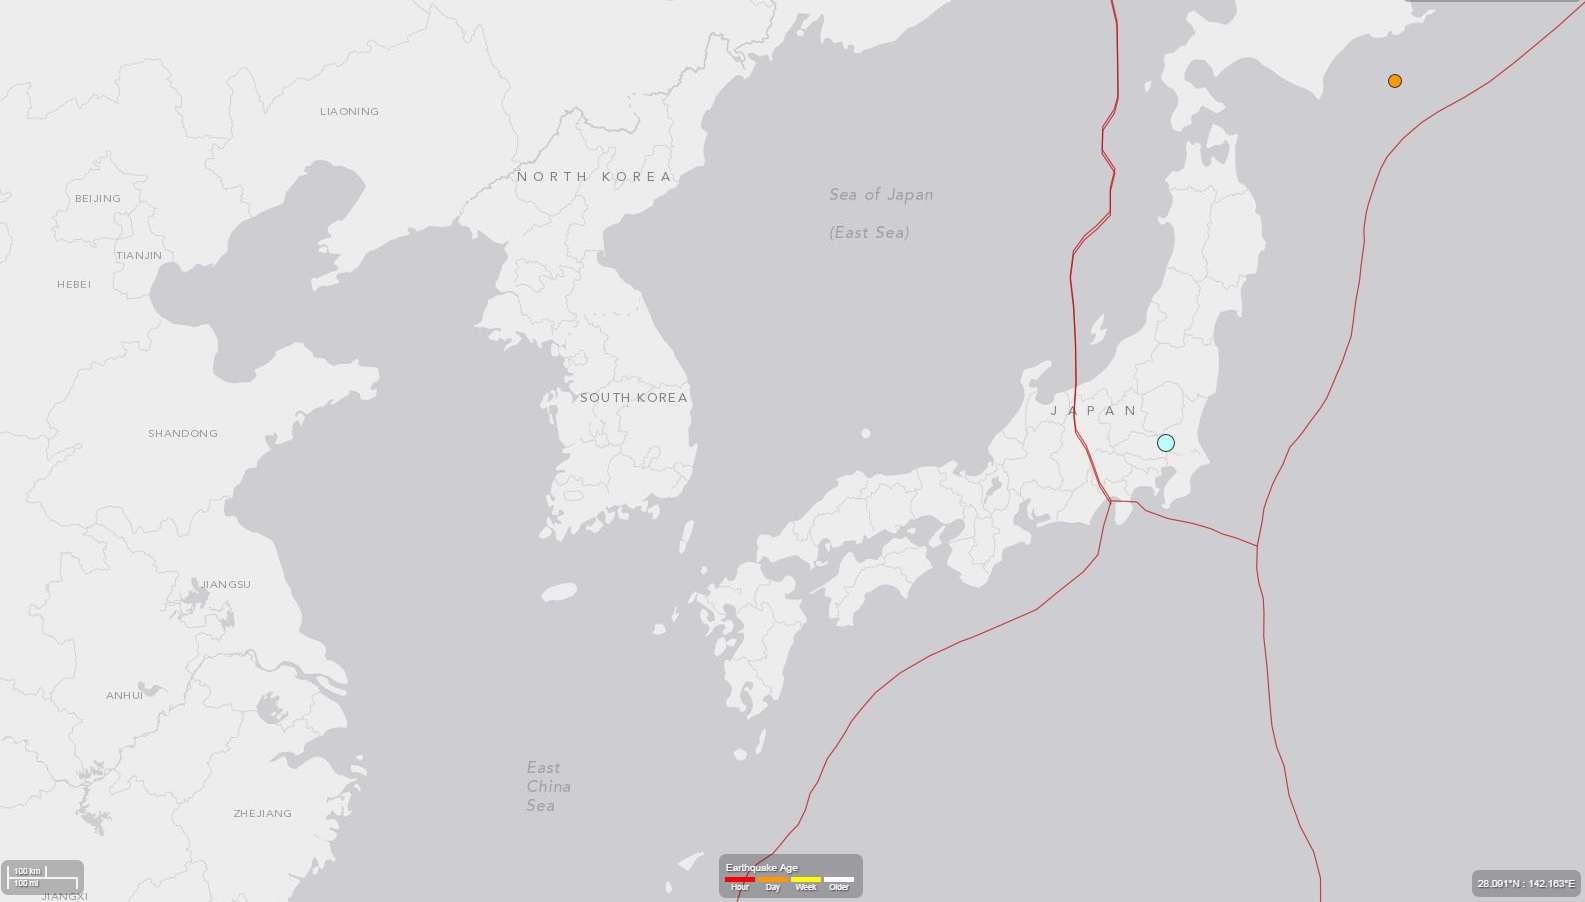 Terremoto foi sentido na cidade de Tóquio, mas não houve relatos de feridos e mortos Foto: USGS/Reprodução